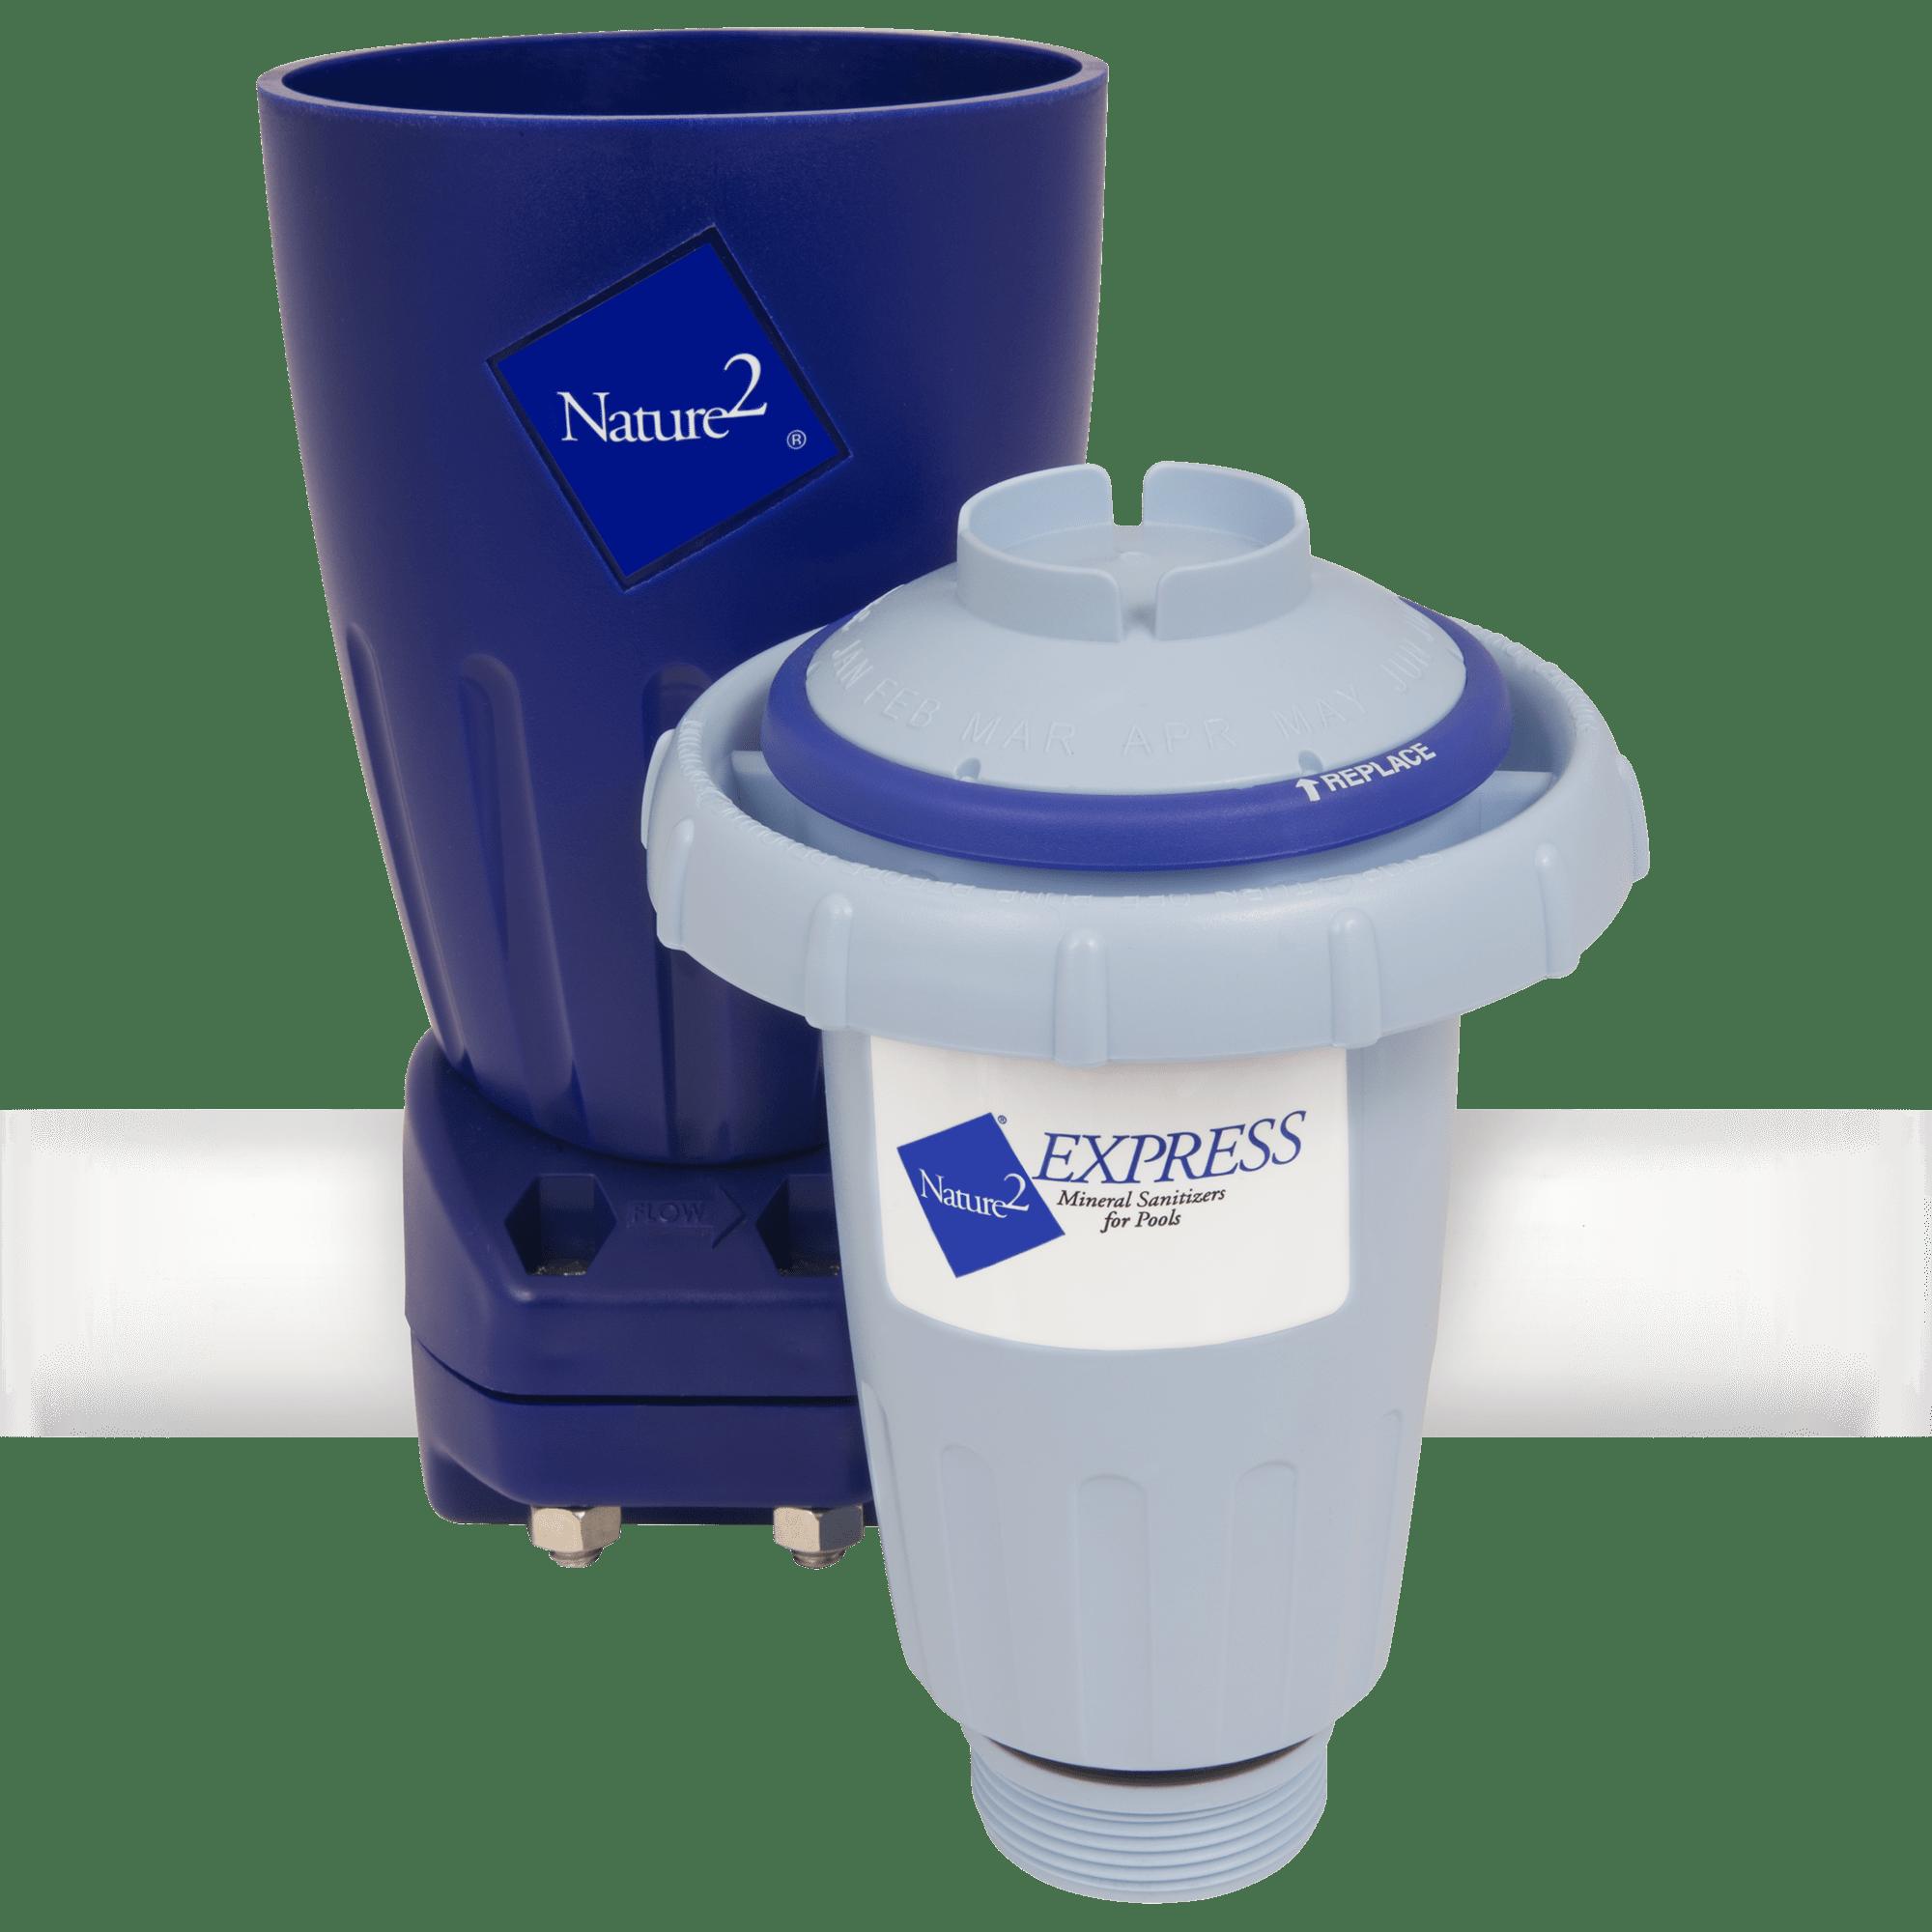 Swimming Pool Sanitizer : Nature express mineral sanitizer